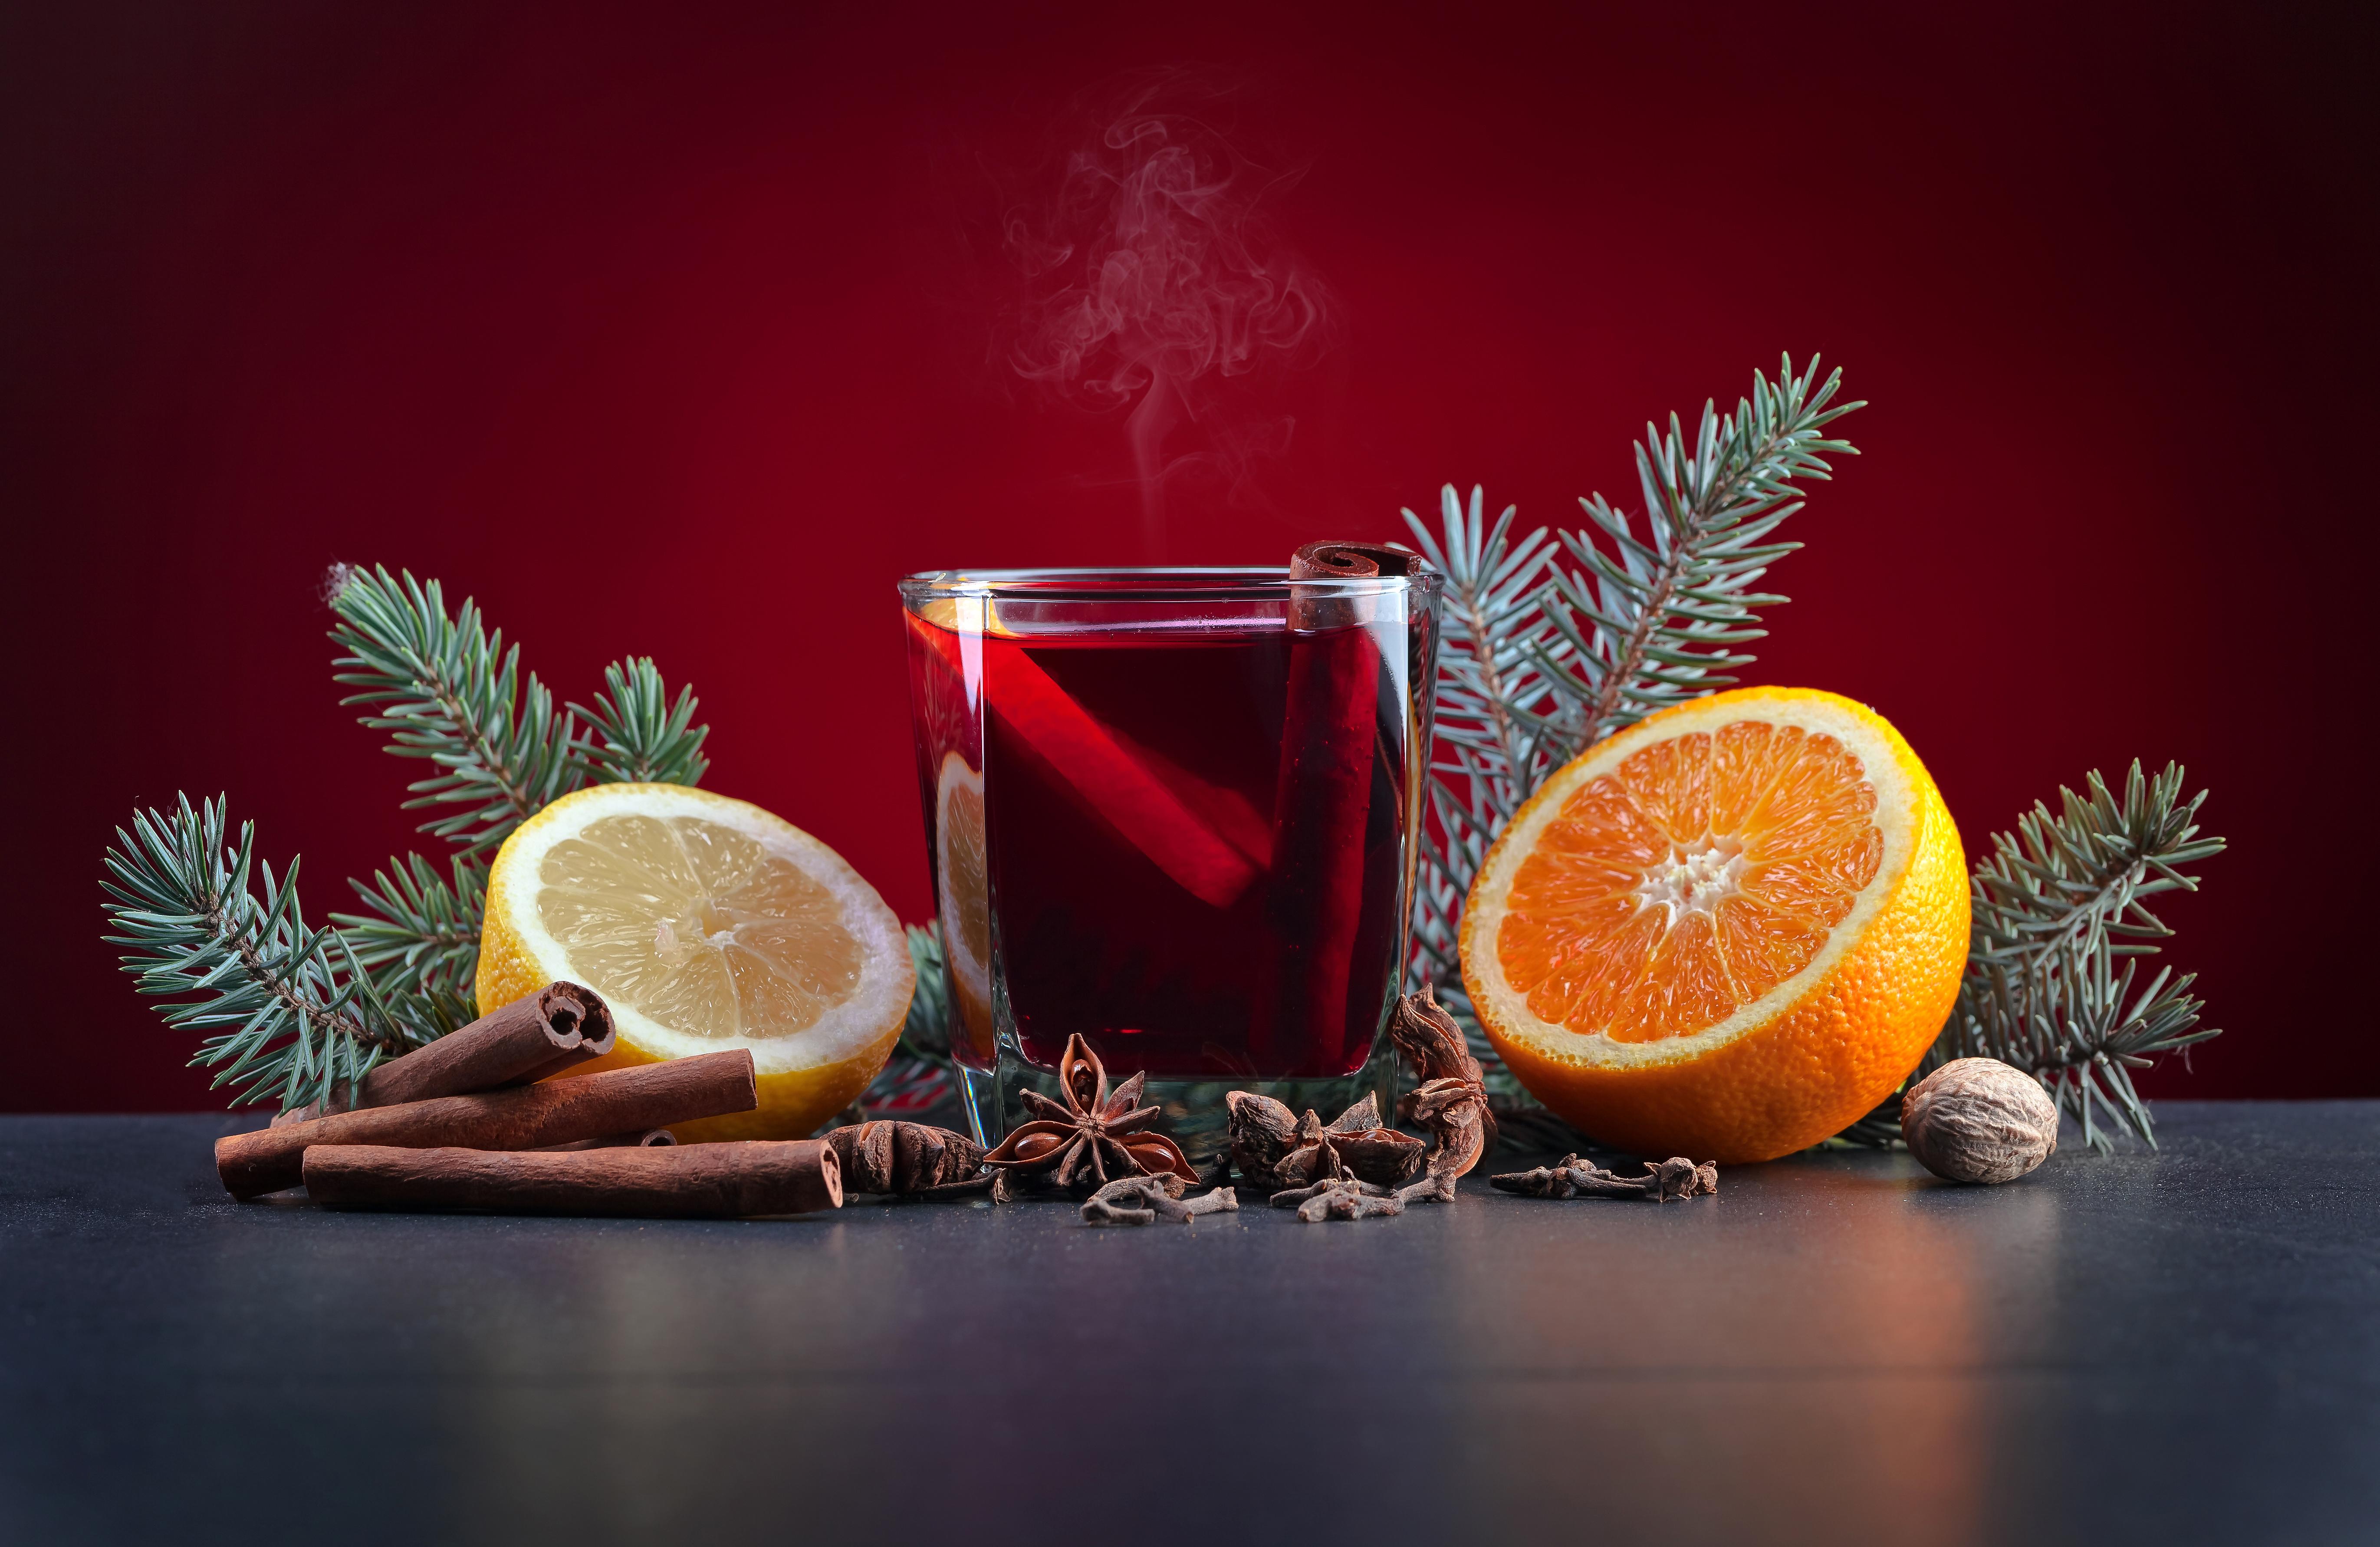 Картинка Новый год Апельсин Бадьян звезда аниса Стакан Лимоны Корица Пища Орехи Напитки Рождество стакана стакане Еда Продукты питания напиток